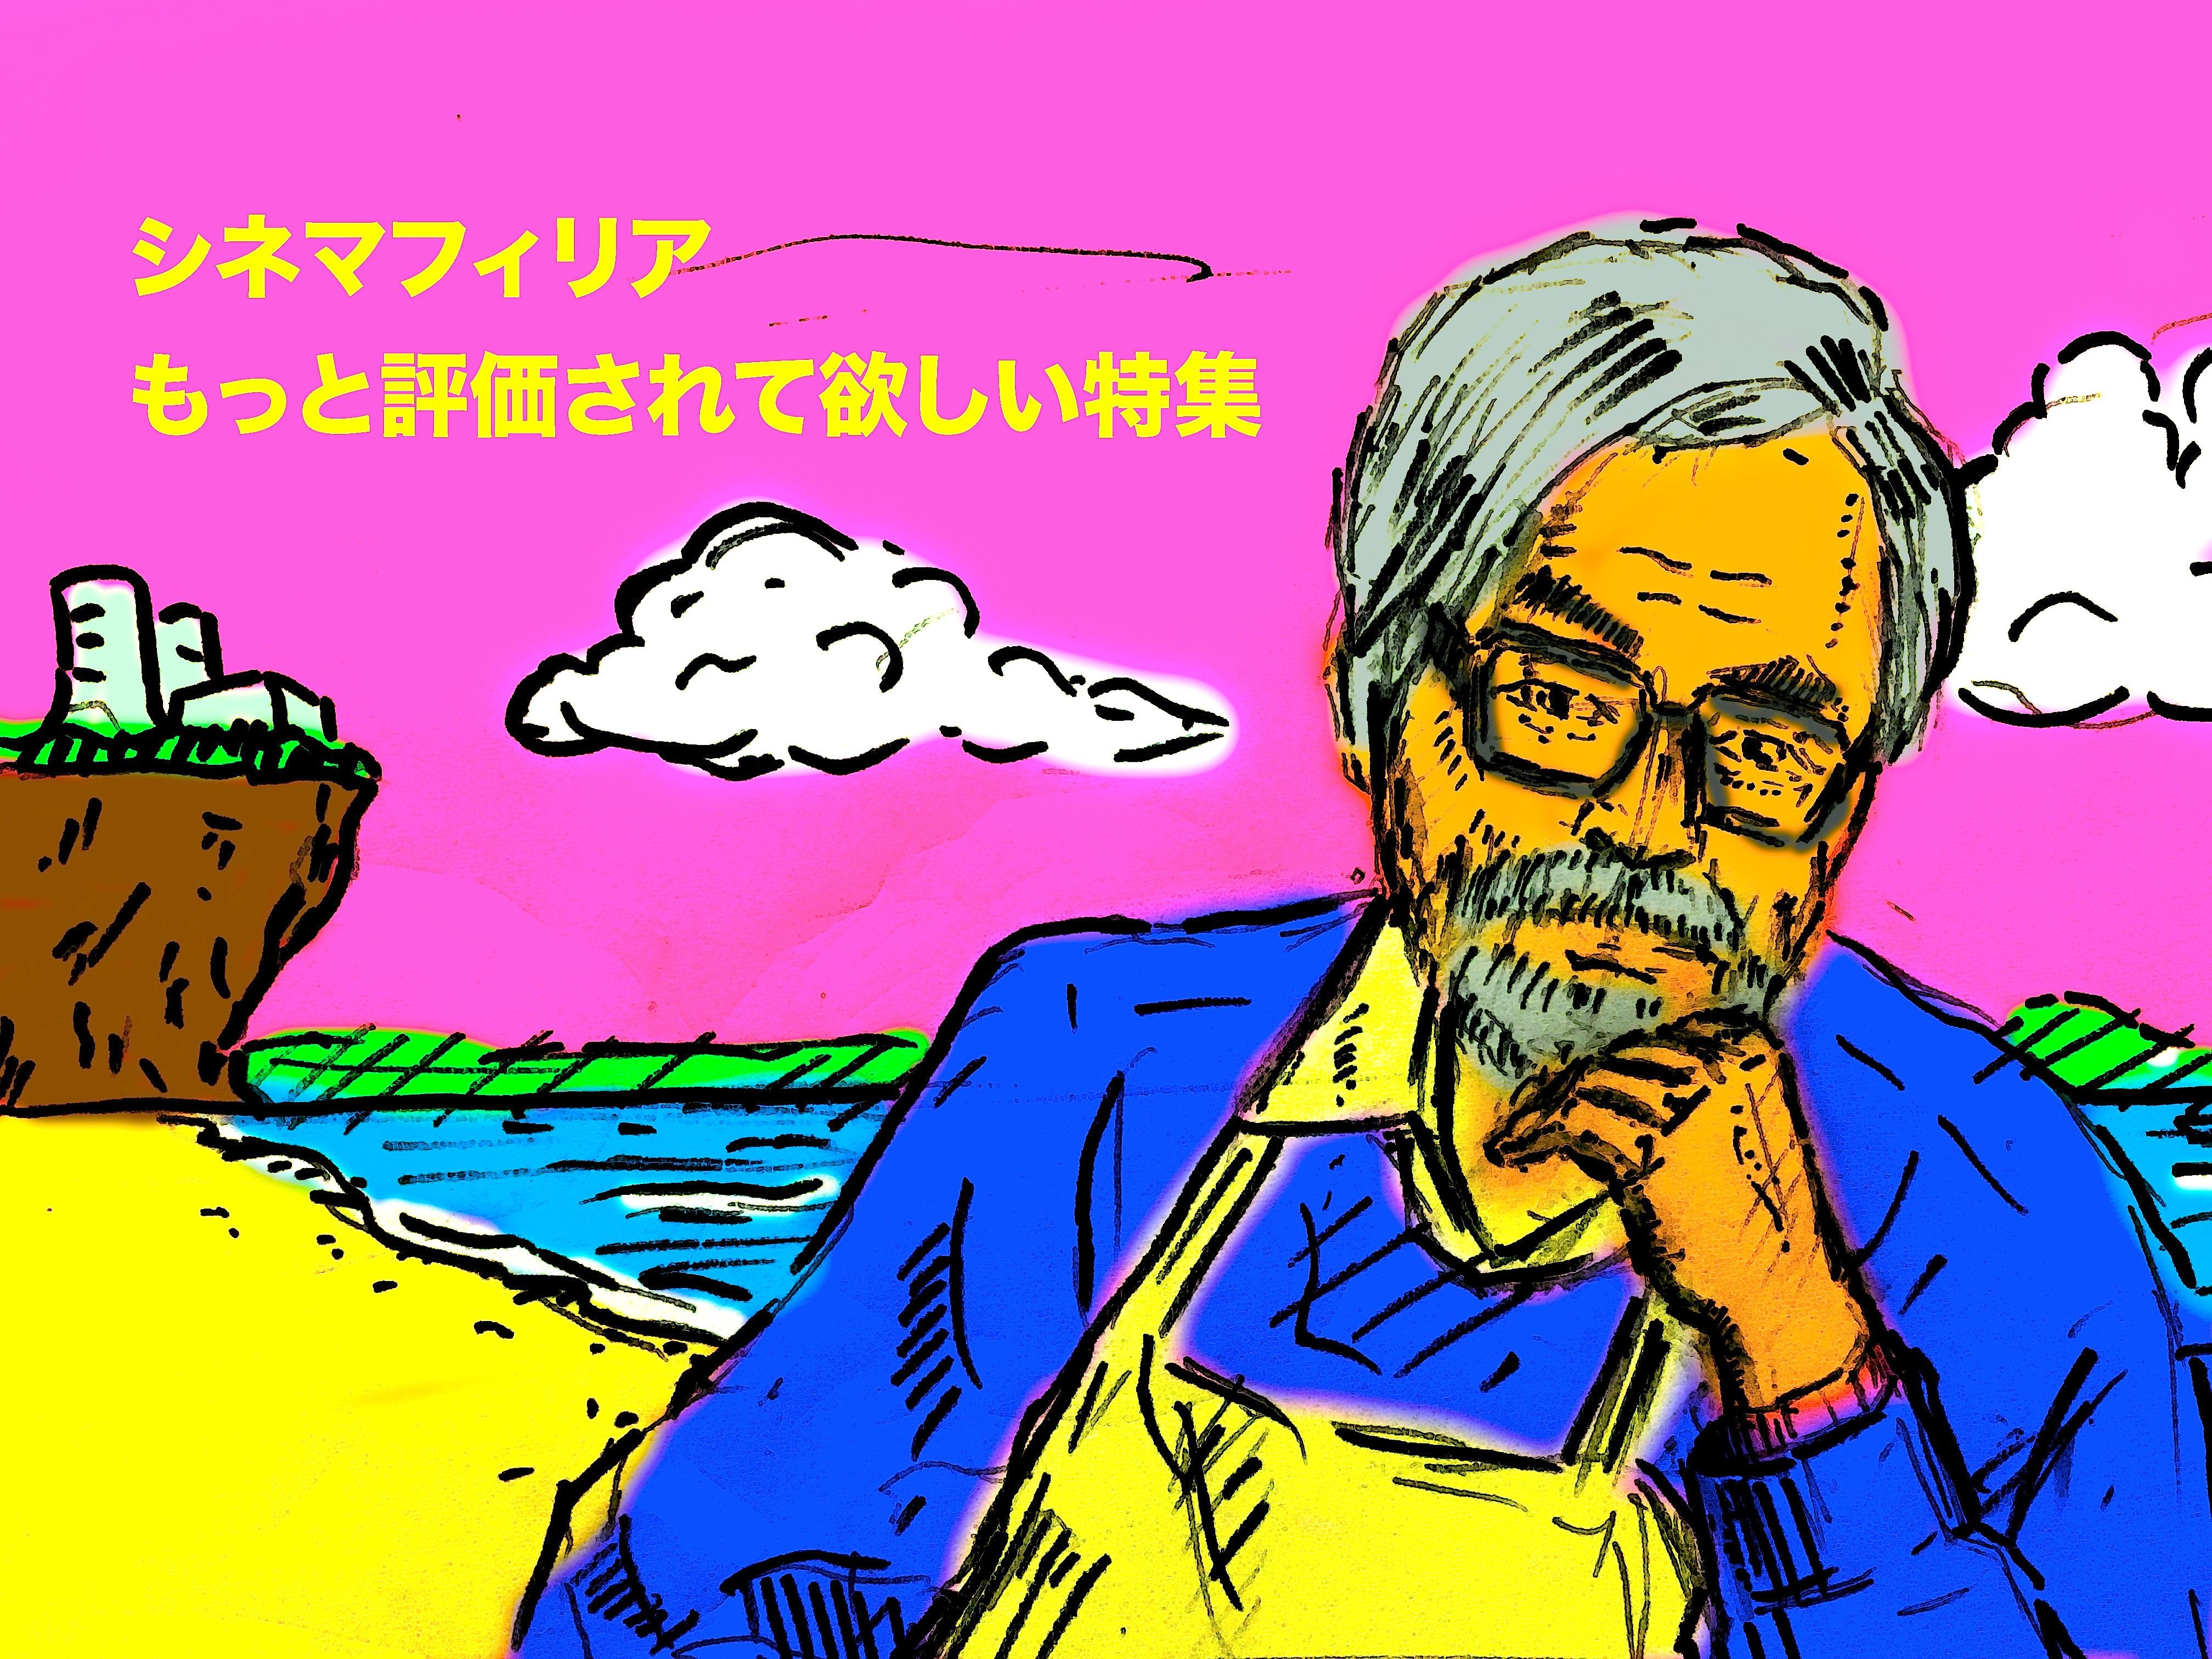 シネマフィリアvol.16 誰も語らなかった『ホーホケキョ となりの山田くん』について語ろう